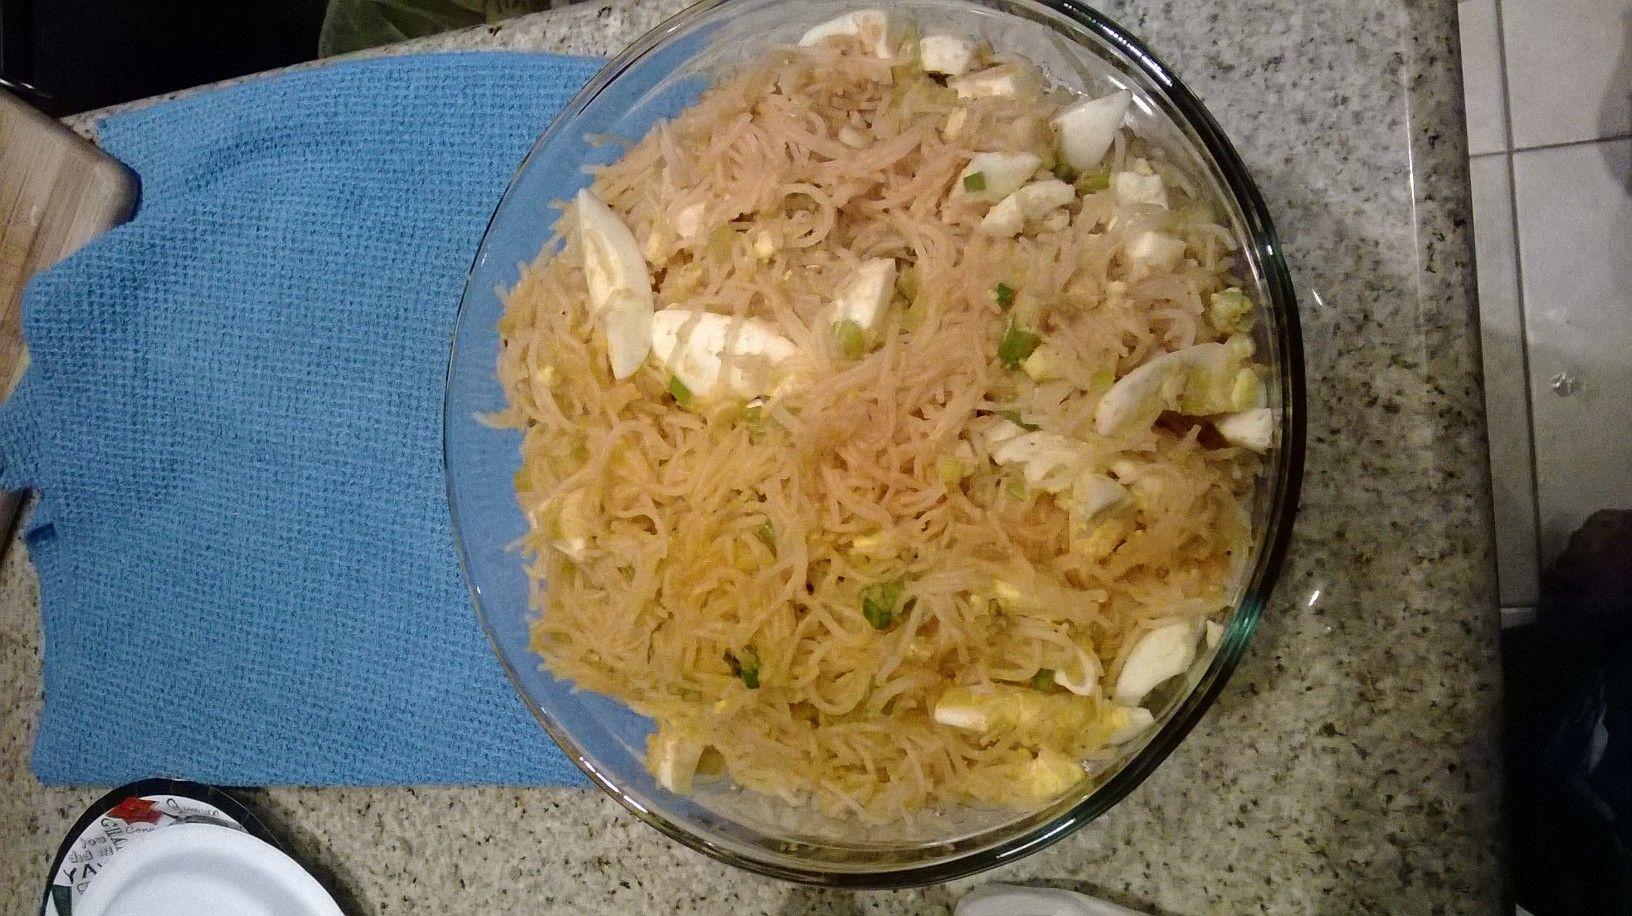 Palabok - Filipino food